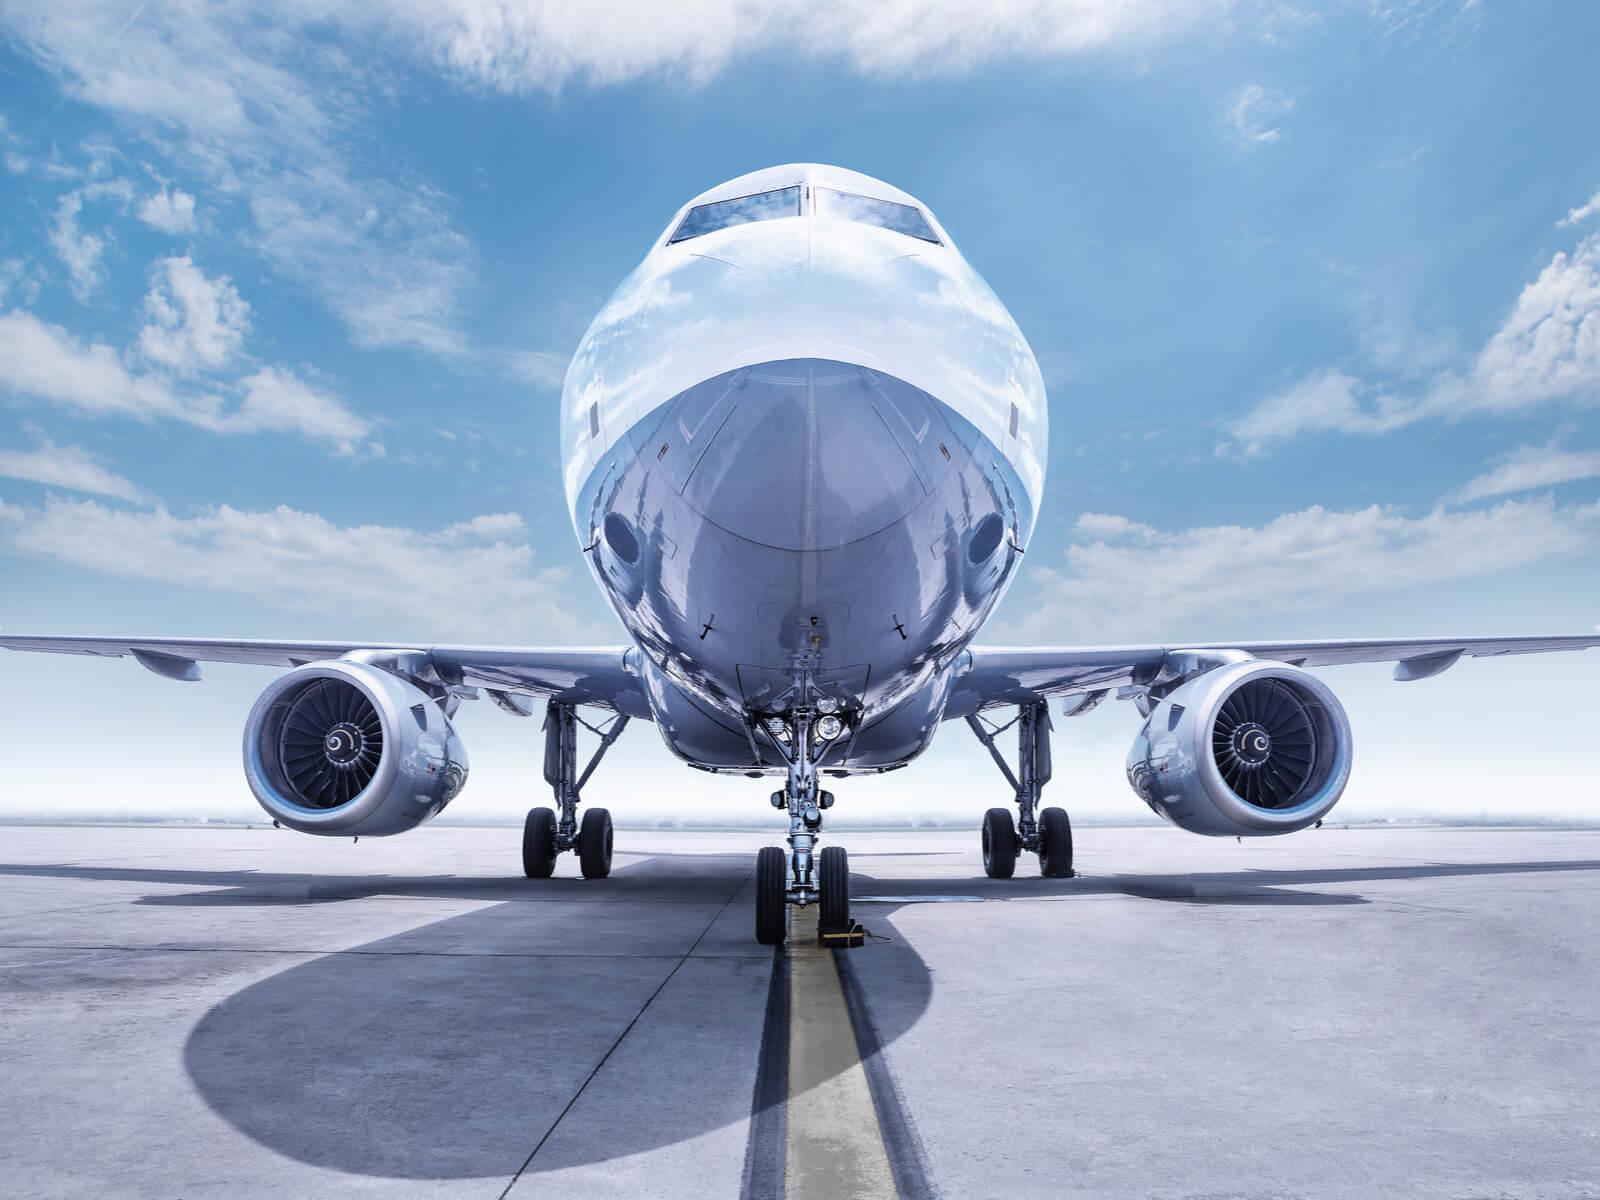 パラオ旅行の飛行機ガイド|フライト時間や経由地、機内でのおすすめの過ごし方